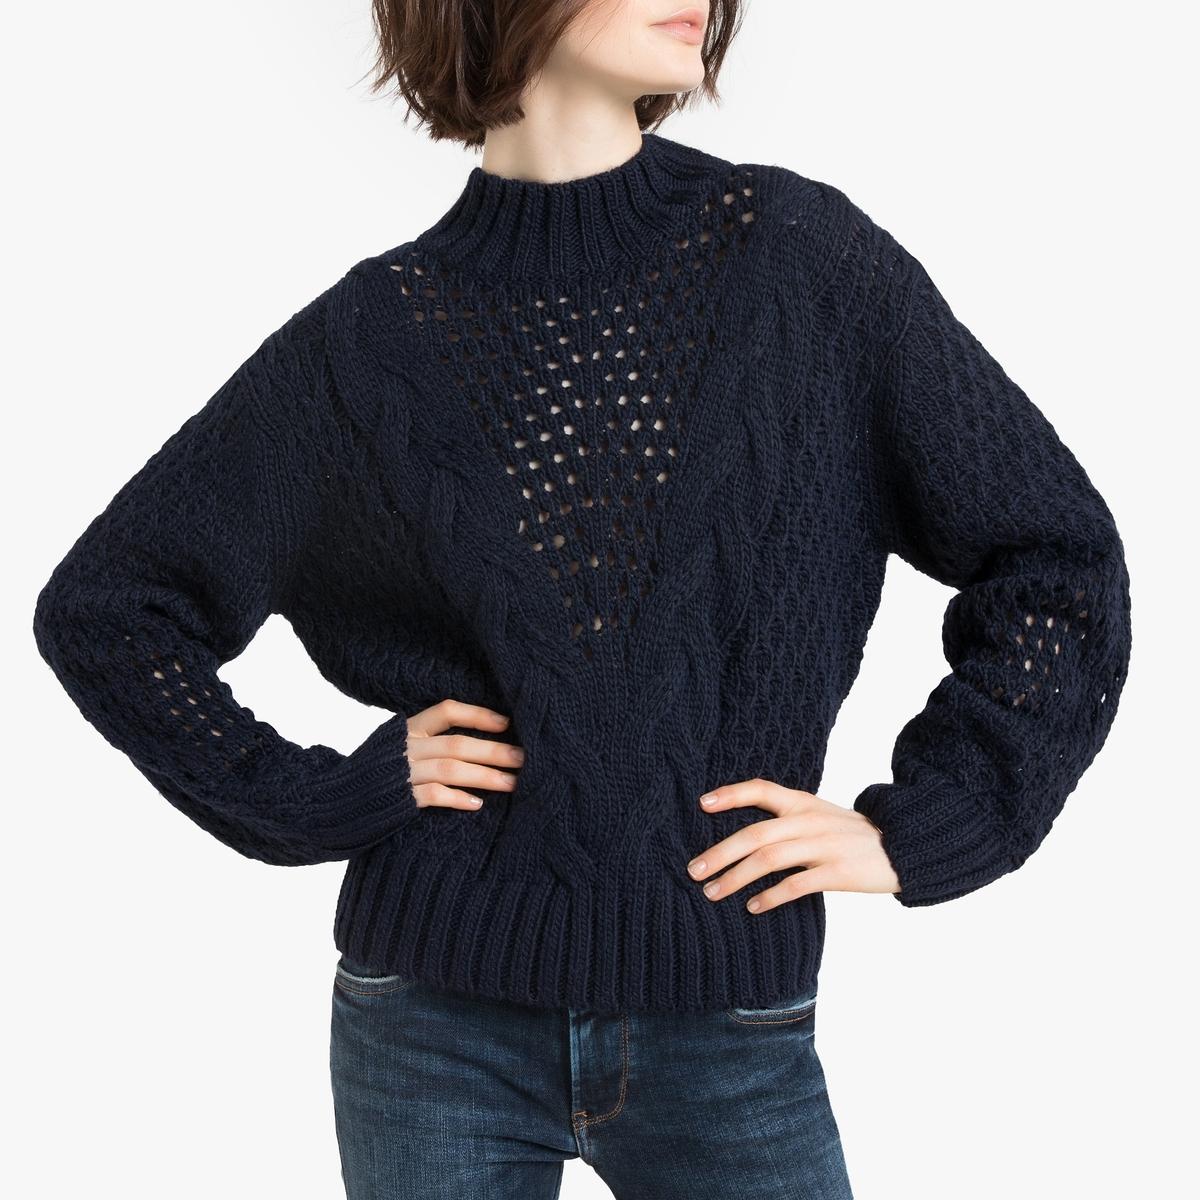 Пуловер La Redoute С воротником-стойка из плотного ажурного трикотажа M синий кардиган из ажурного трикотажа с застежкой на пуговицы